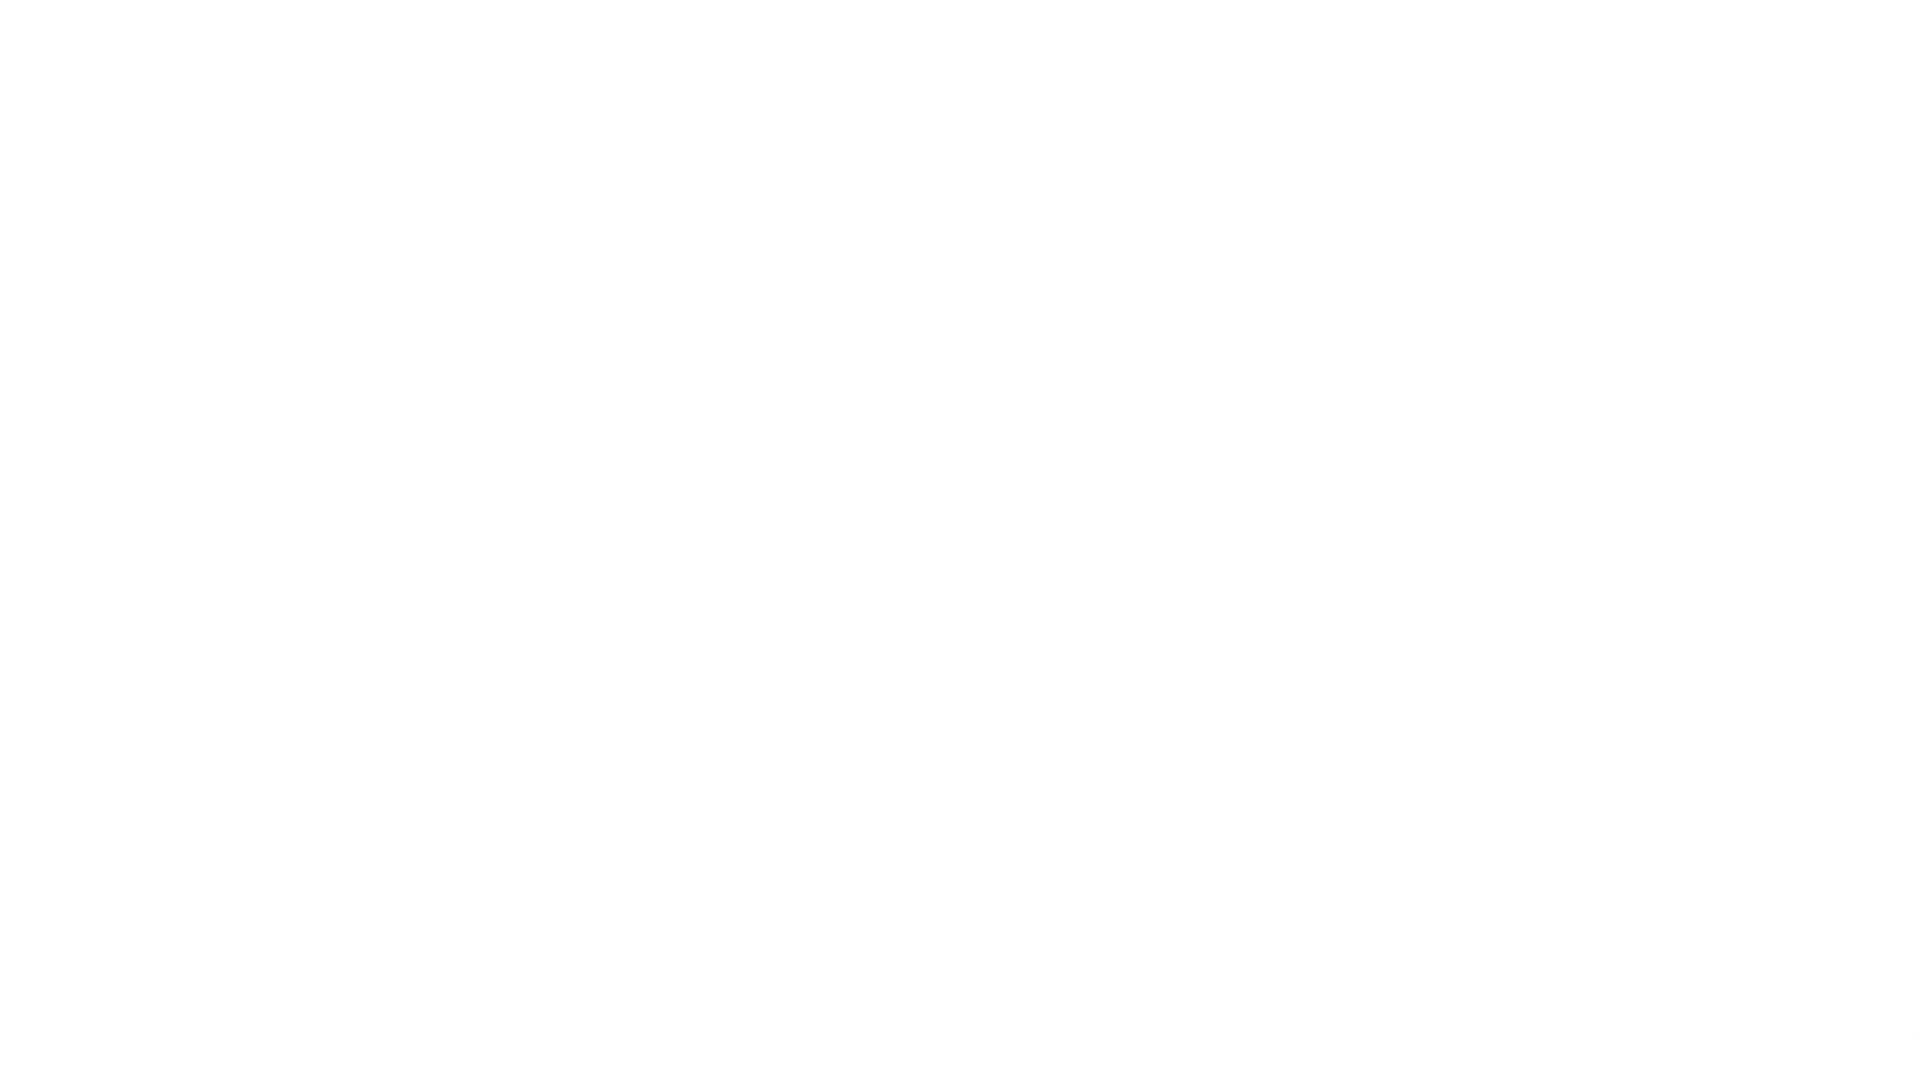 ※100個限定販売 至高下半身盗撮 プレミアム Vol.31 ハイビジョン ギャル達 オメコ無修正動画無料 112枚 52